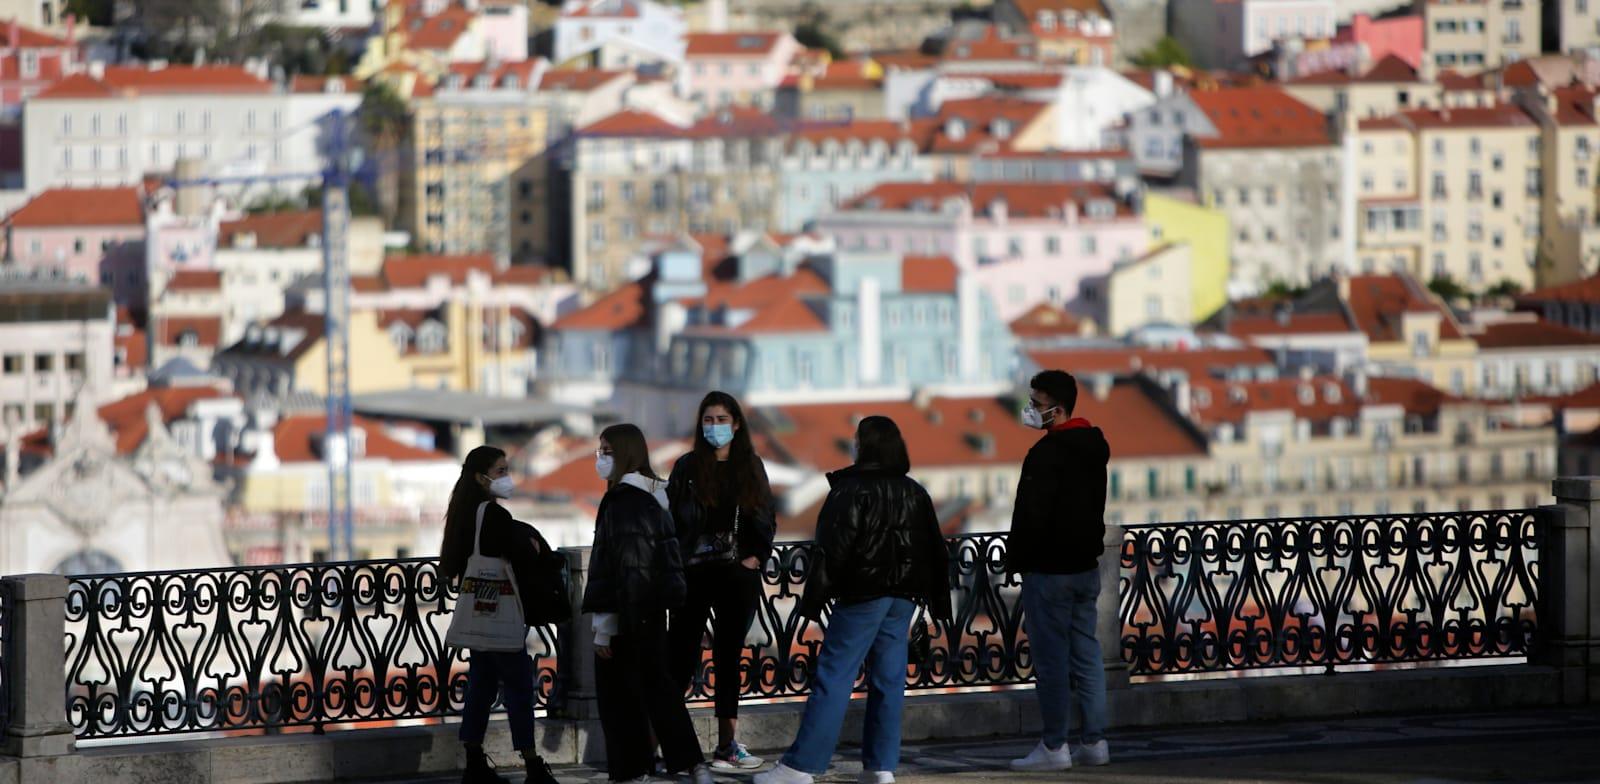 ליסבון, בירת פורטוגל. המדינה רשמה את הצמיחה המרשימה ביותר ברבעון האחרון / צילום: Associated Press, Armando Franca